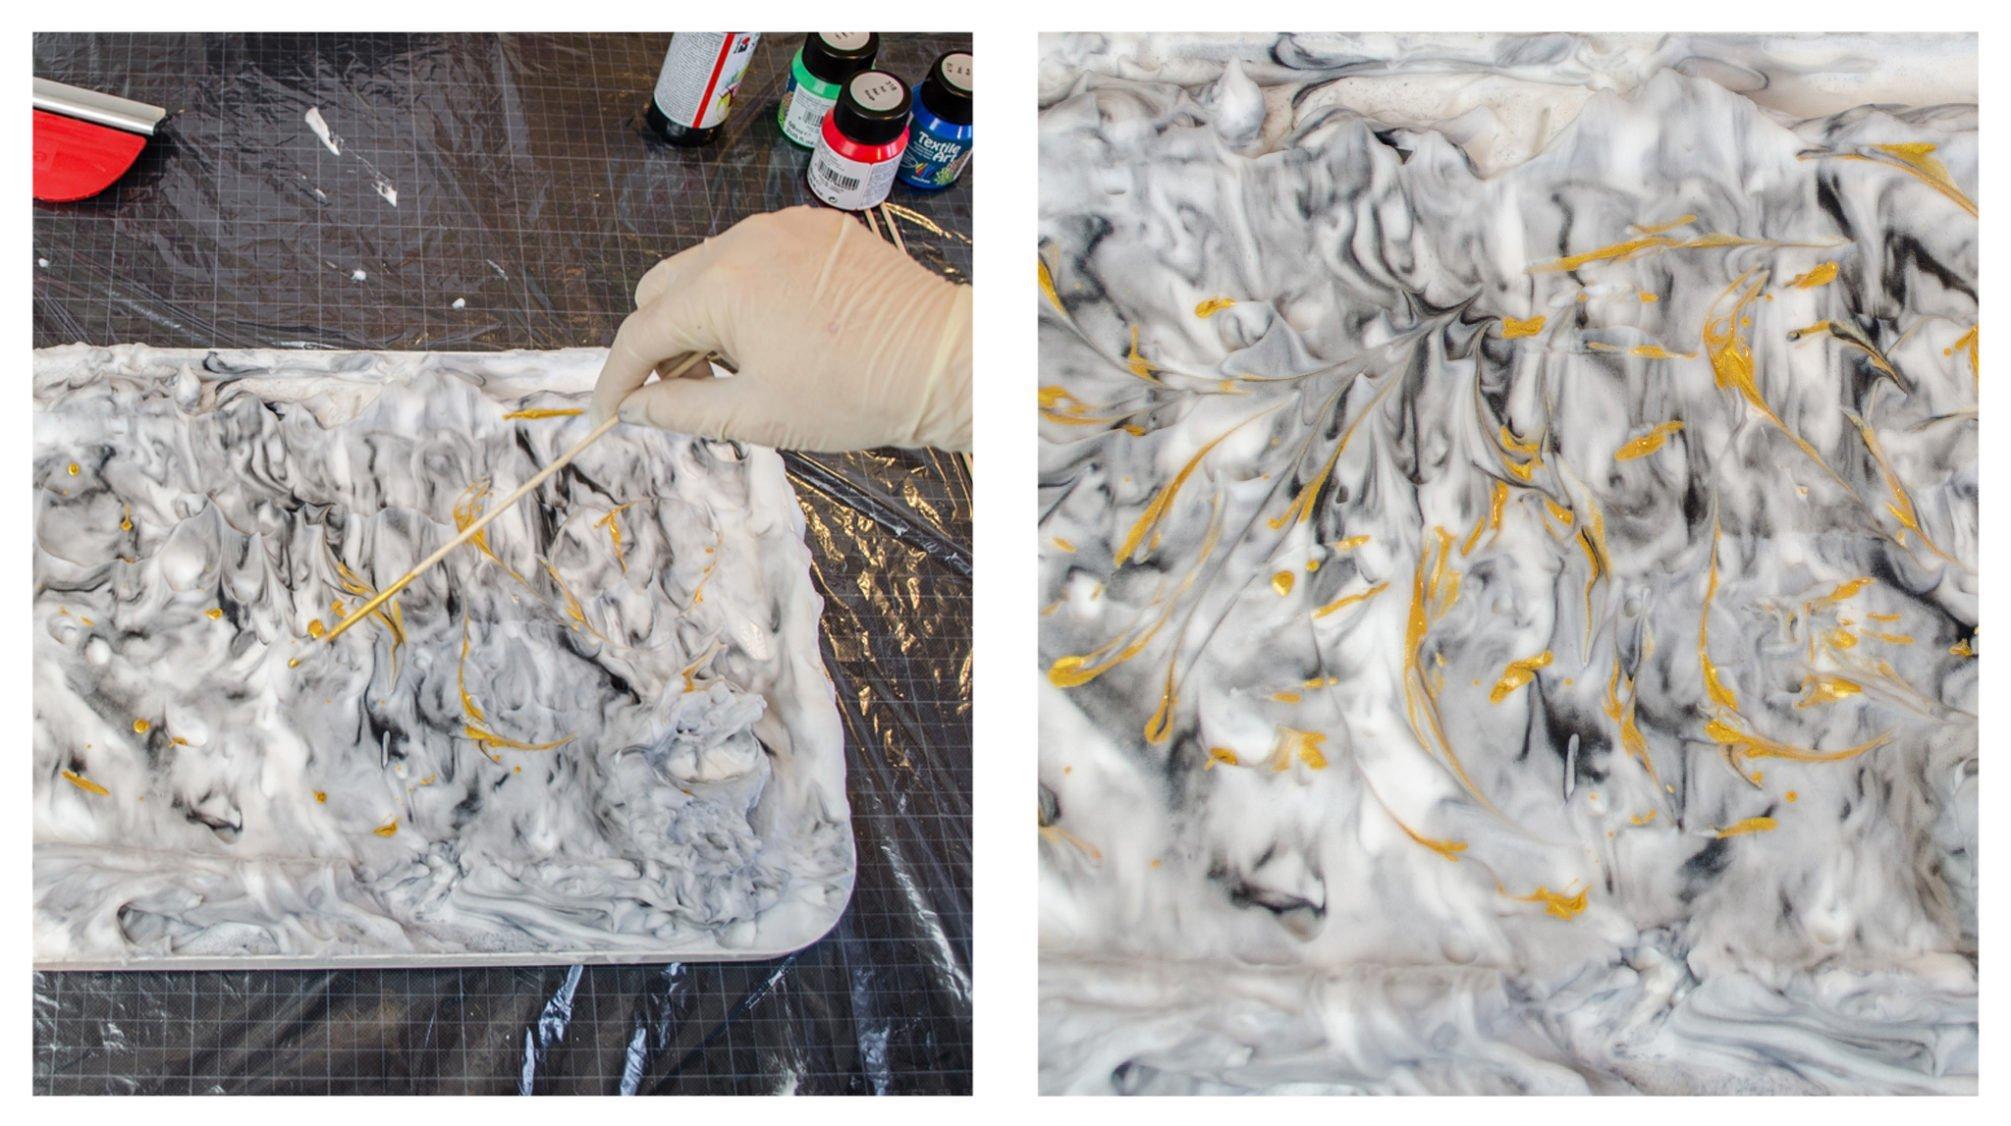 Die Farbe wird aufgetropft und anschließend mit einem Schaschlikspieß verrührt